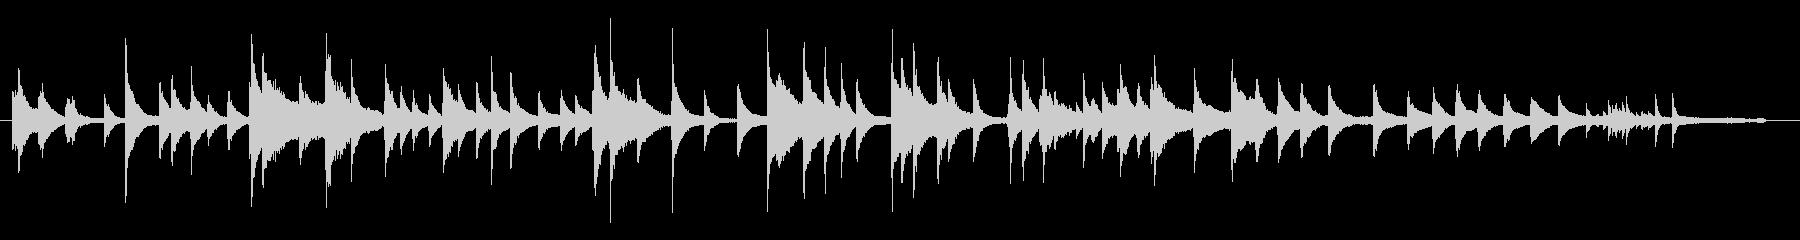 カオスティックなピアノの未再生の波形